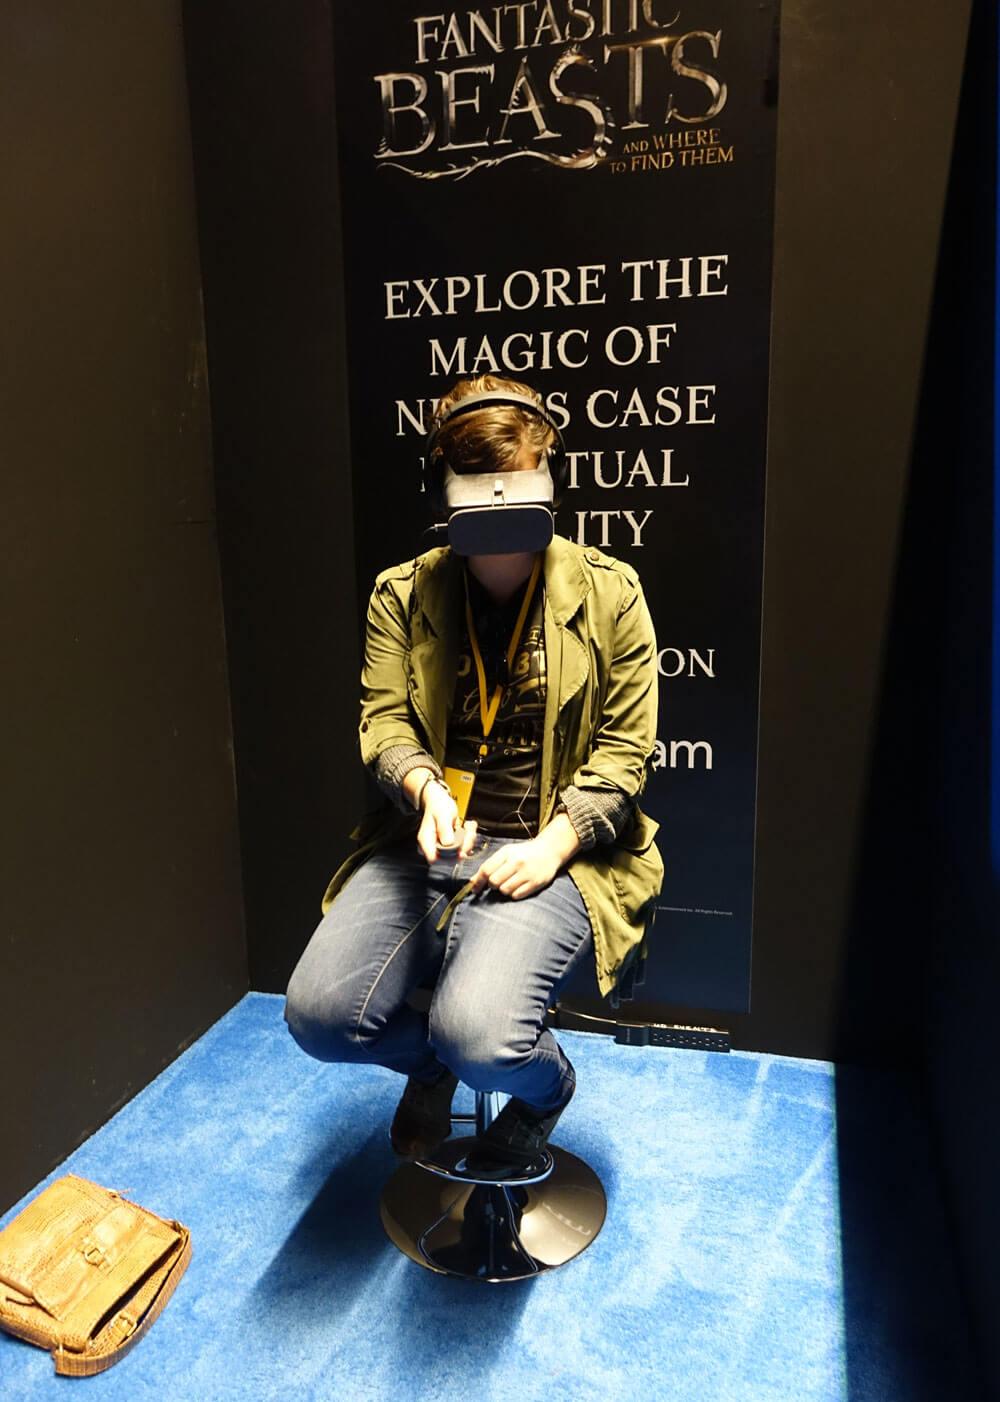 A Celebration of Harry Potter 2017 - Google VR Experience